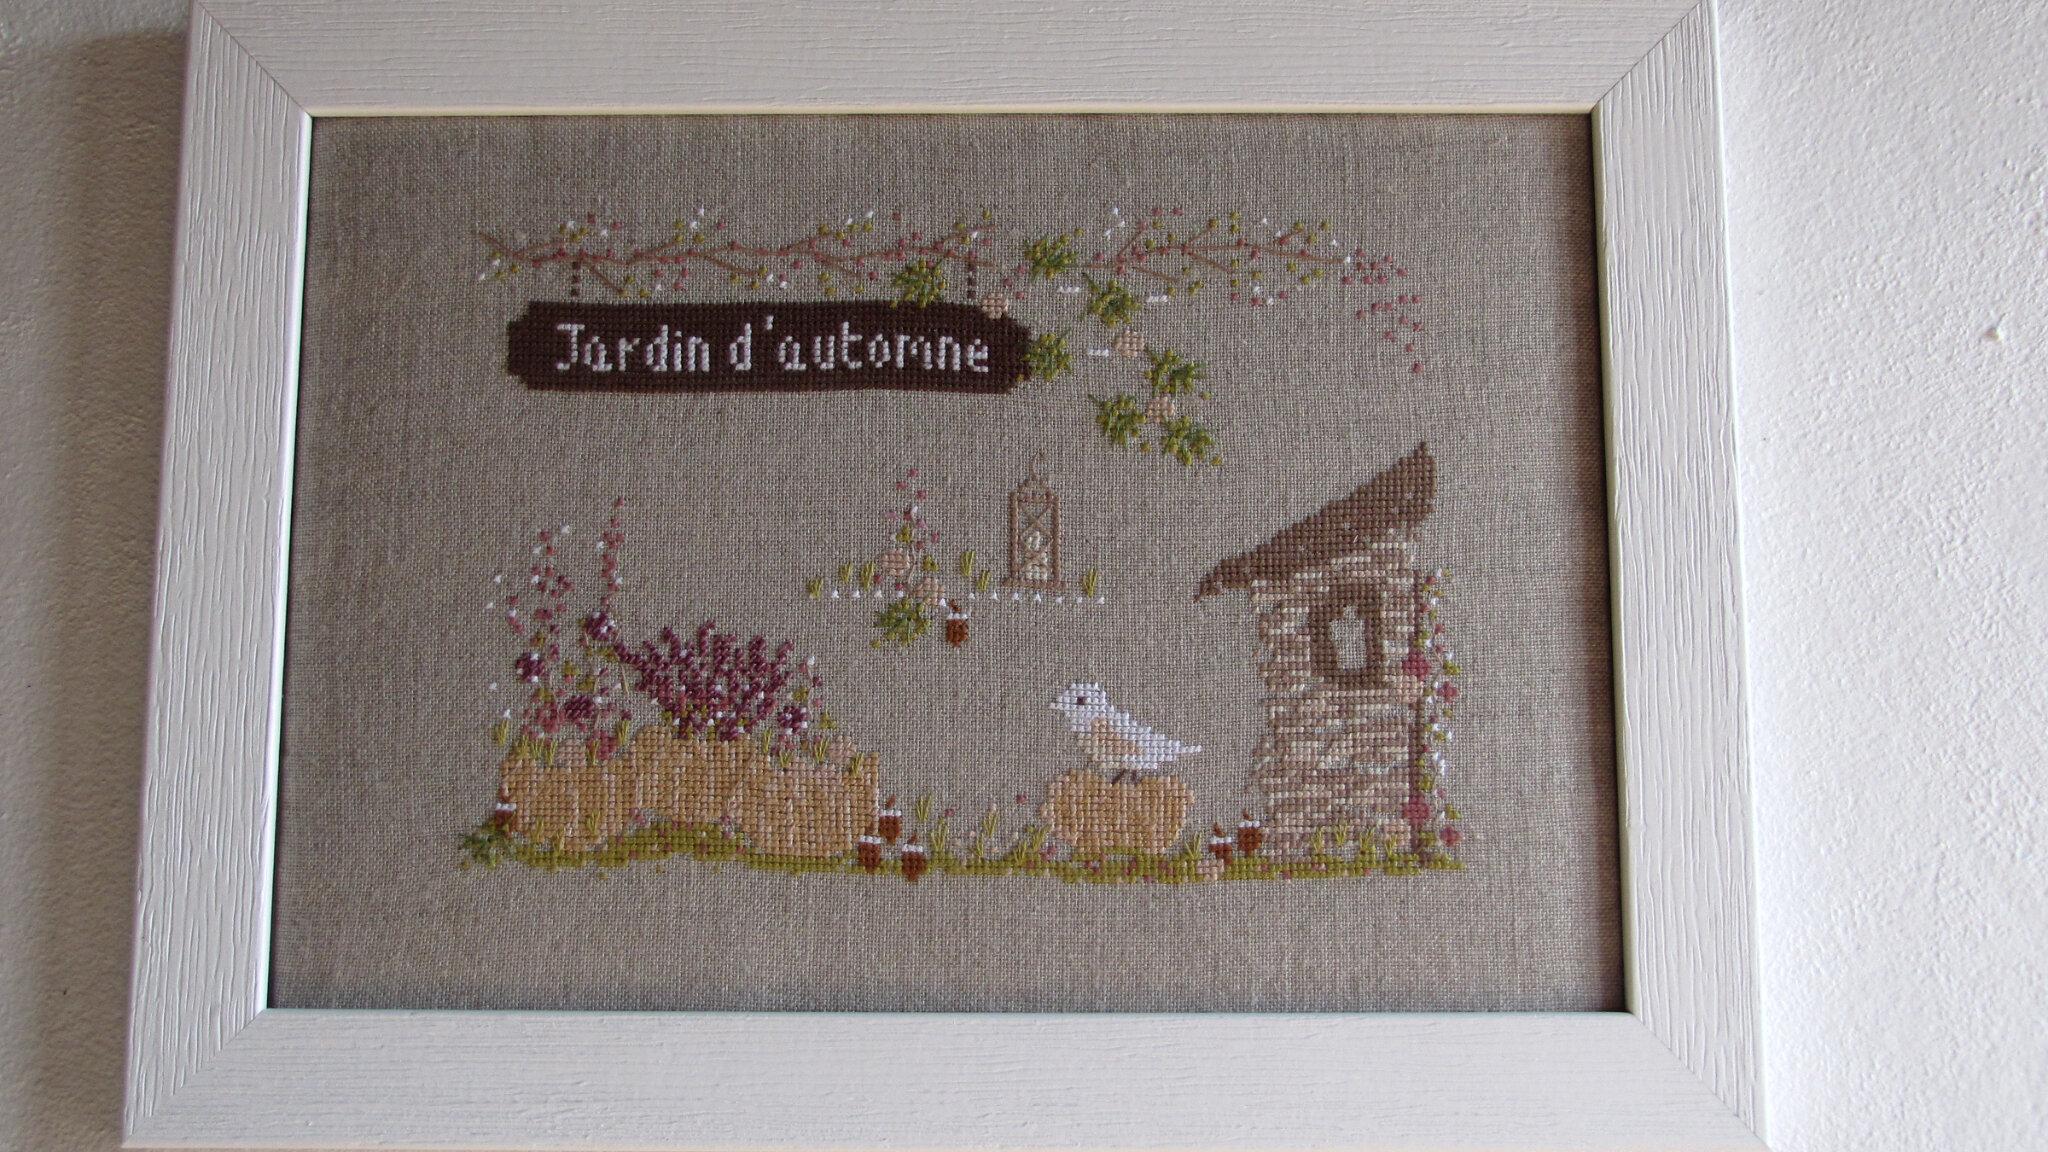 Jardin d'automne - Jennifer Lentini